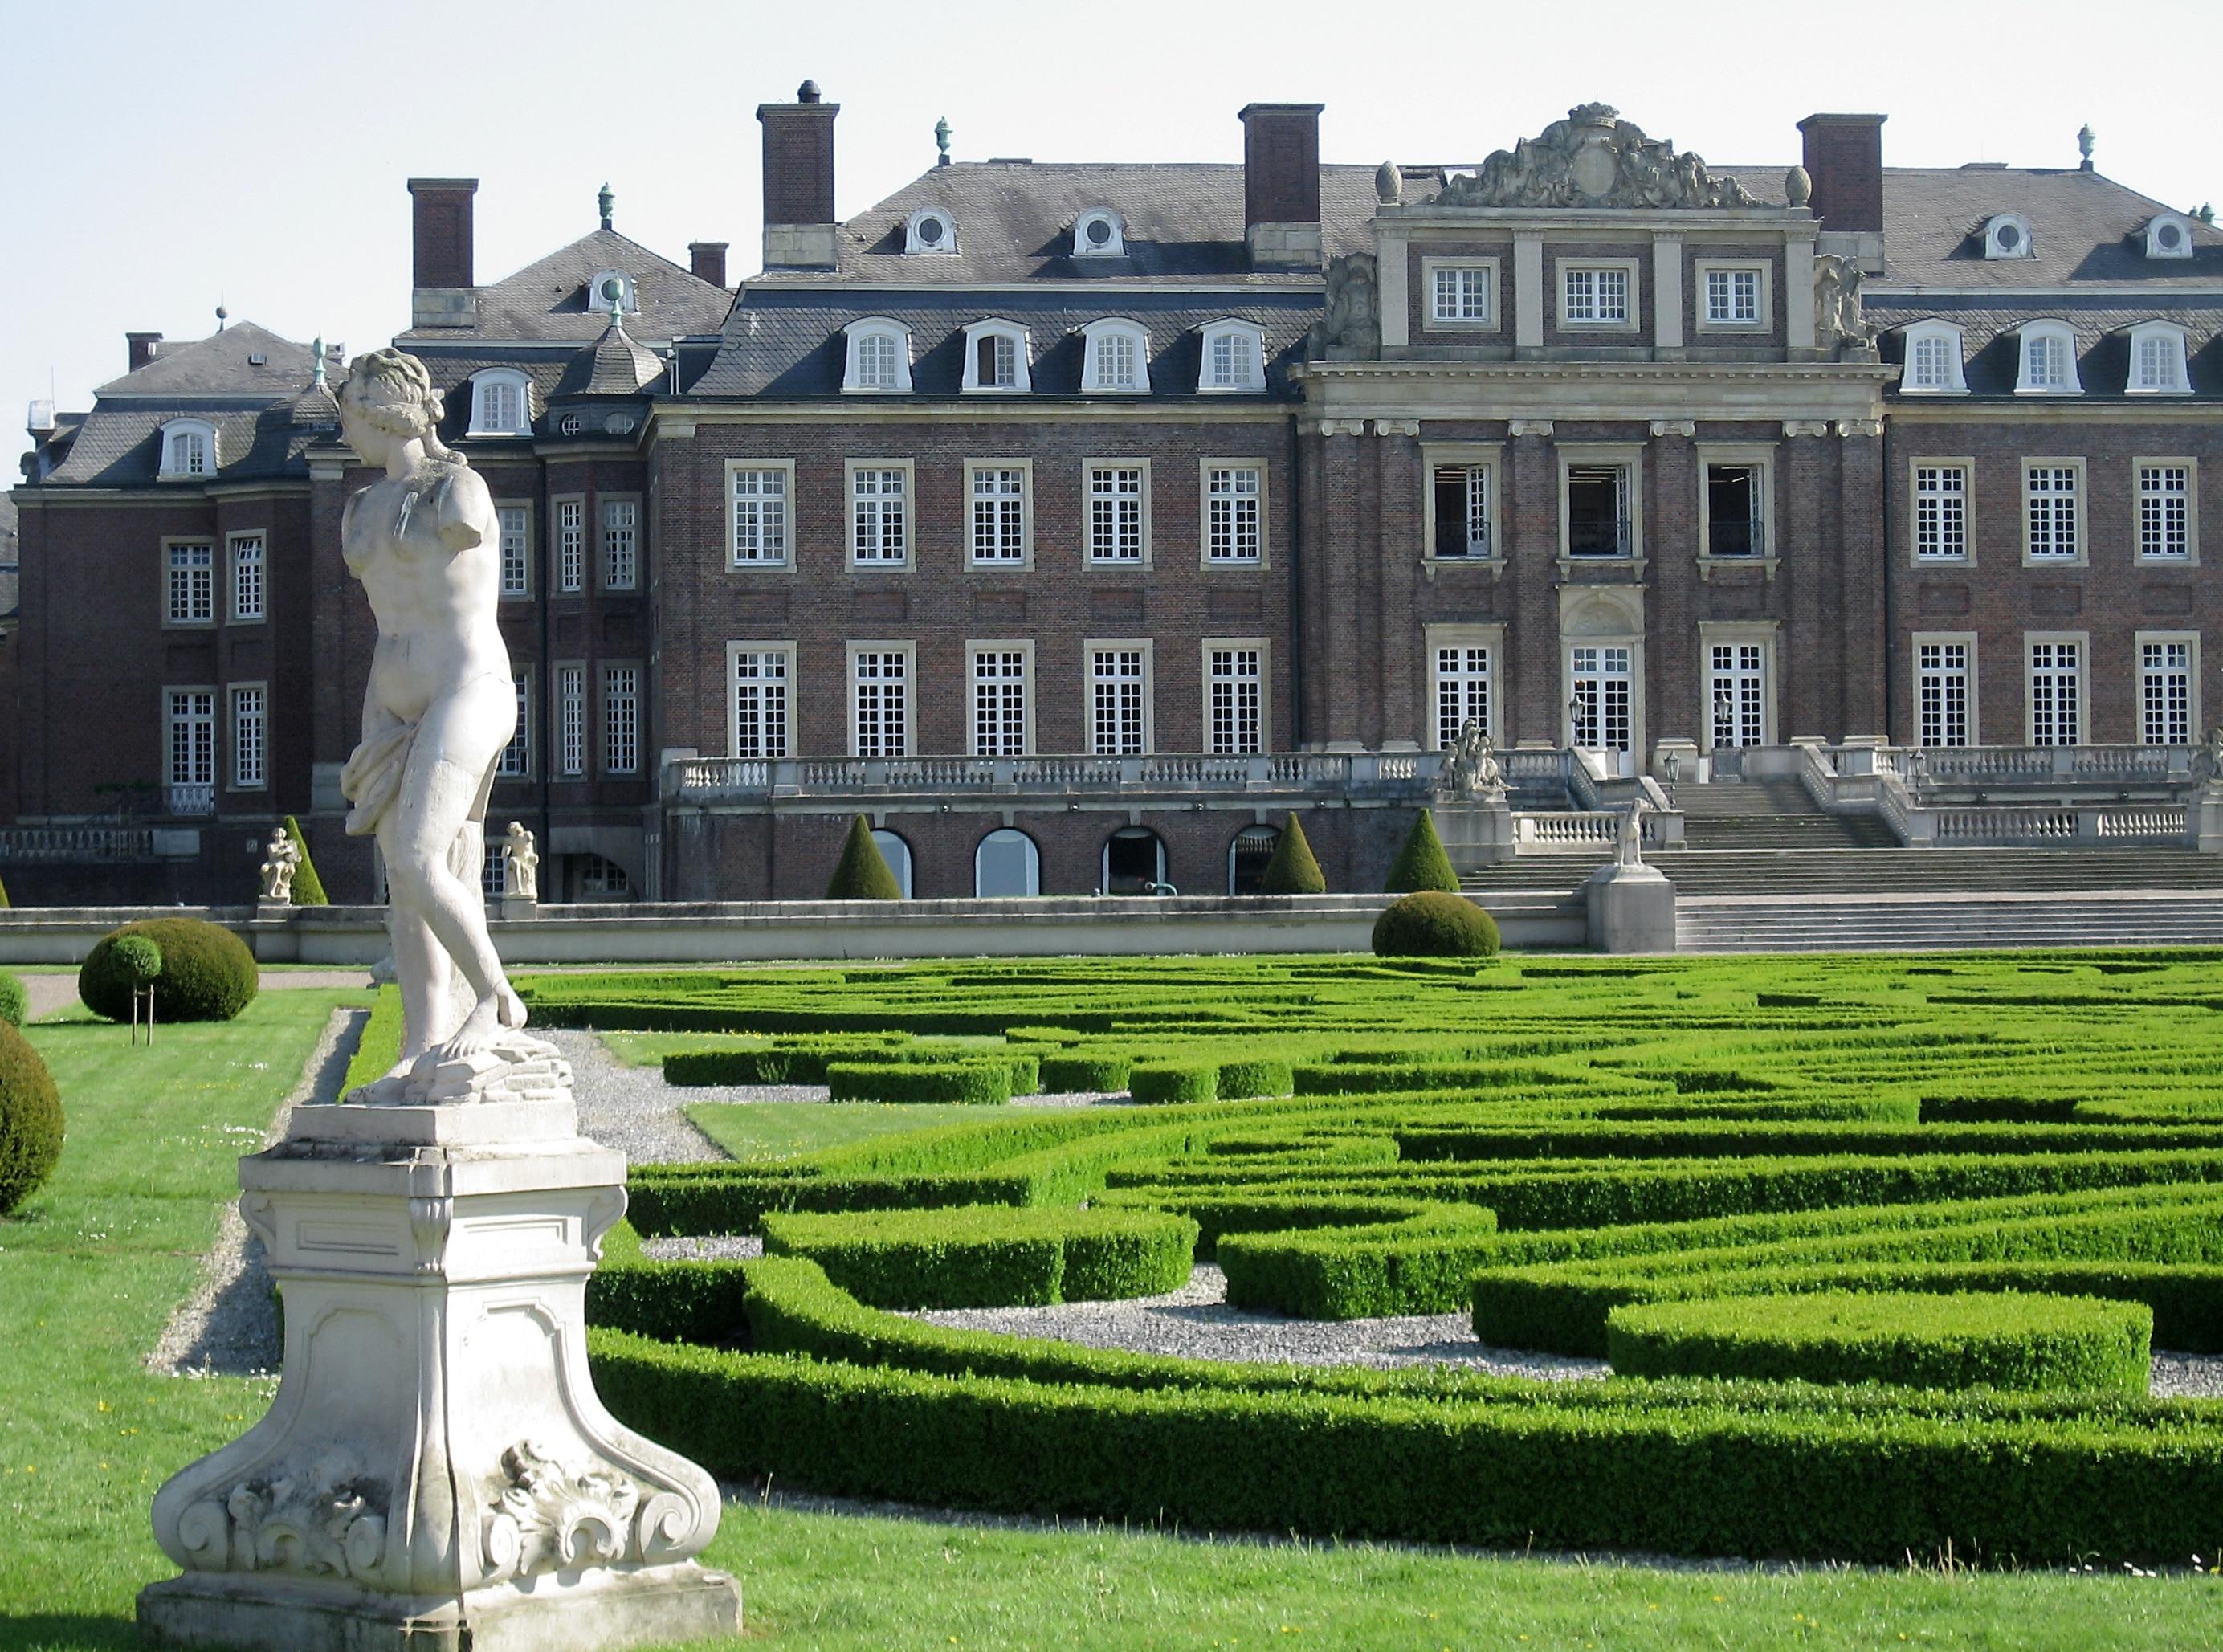 Schloss Nordkirchen, Nordkirchen, Nordrhein-Westfalen, Deutschland